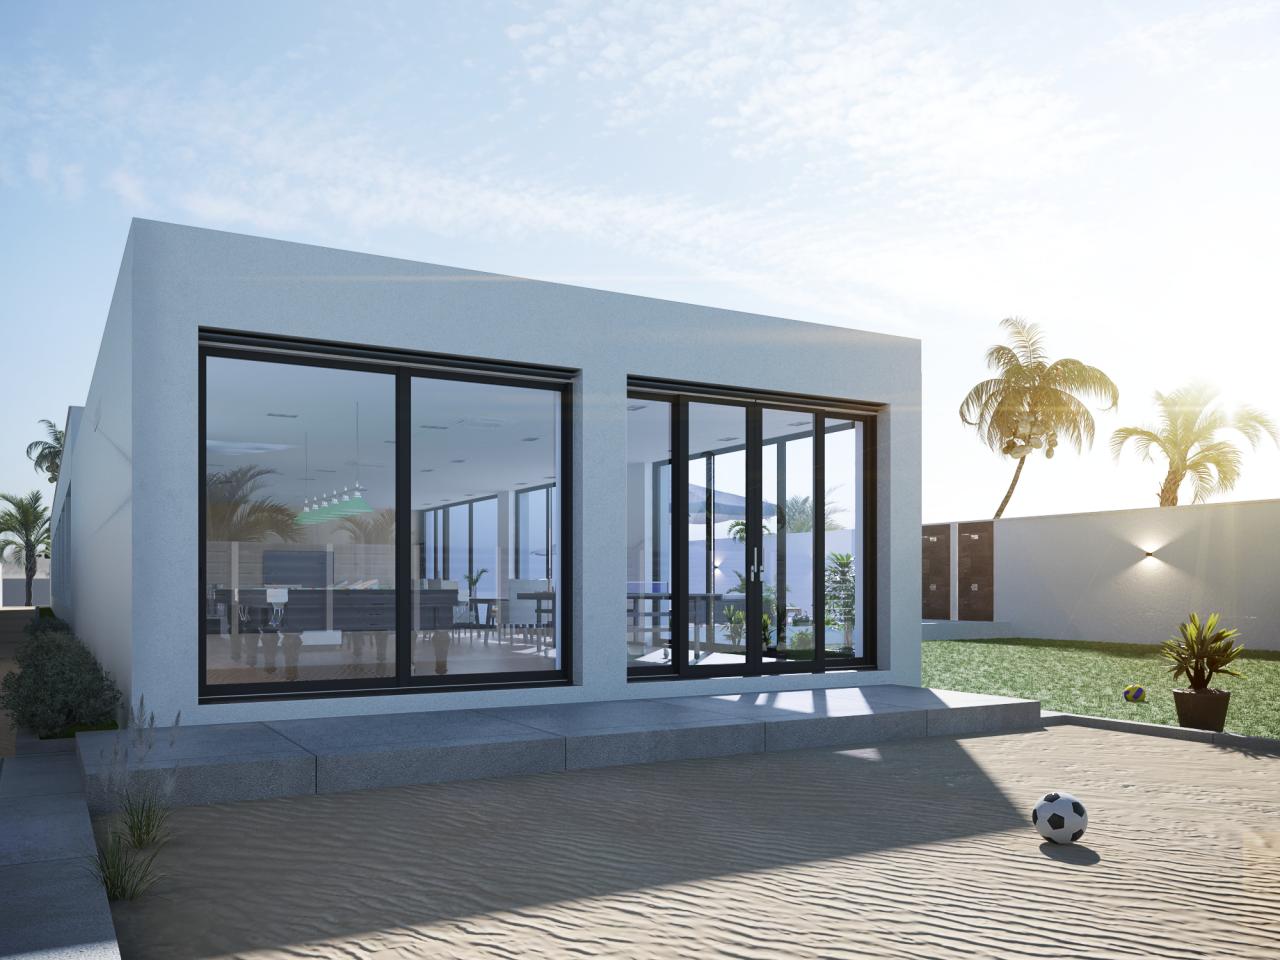 BEACH HOUSE EXTERIOR v5.effectsResult